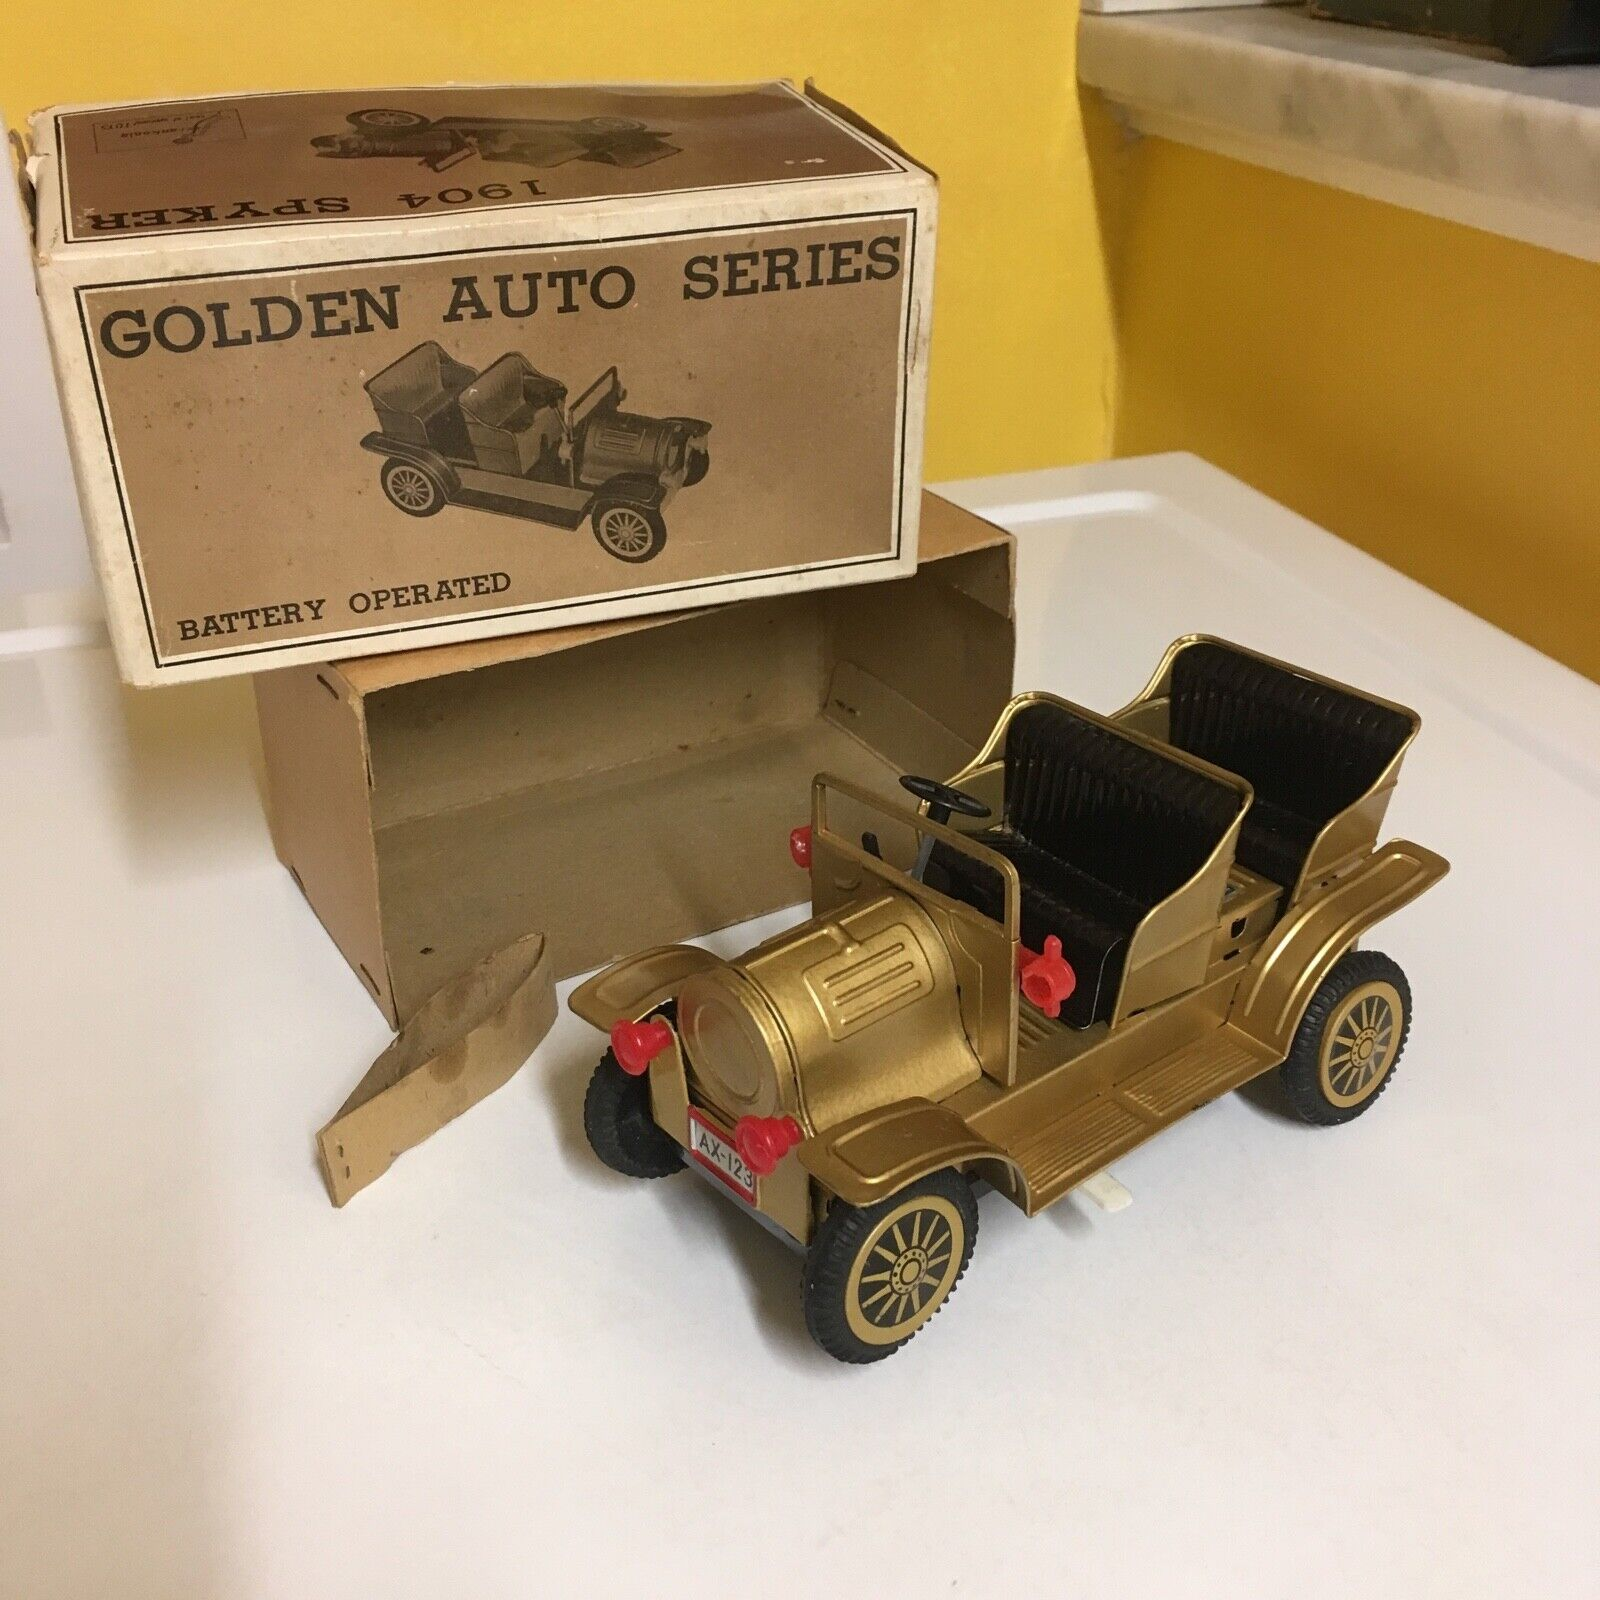 Nomura Vintage Con Pilas oroen Auto serie 1904 Spyker trabajar con Caja